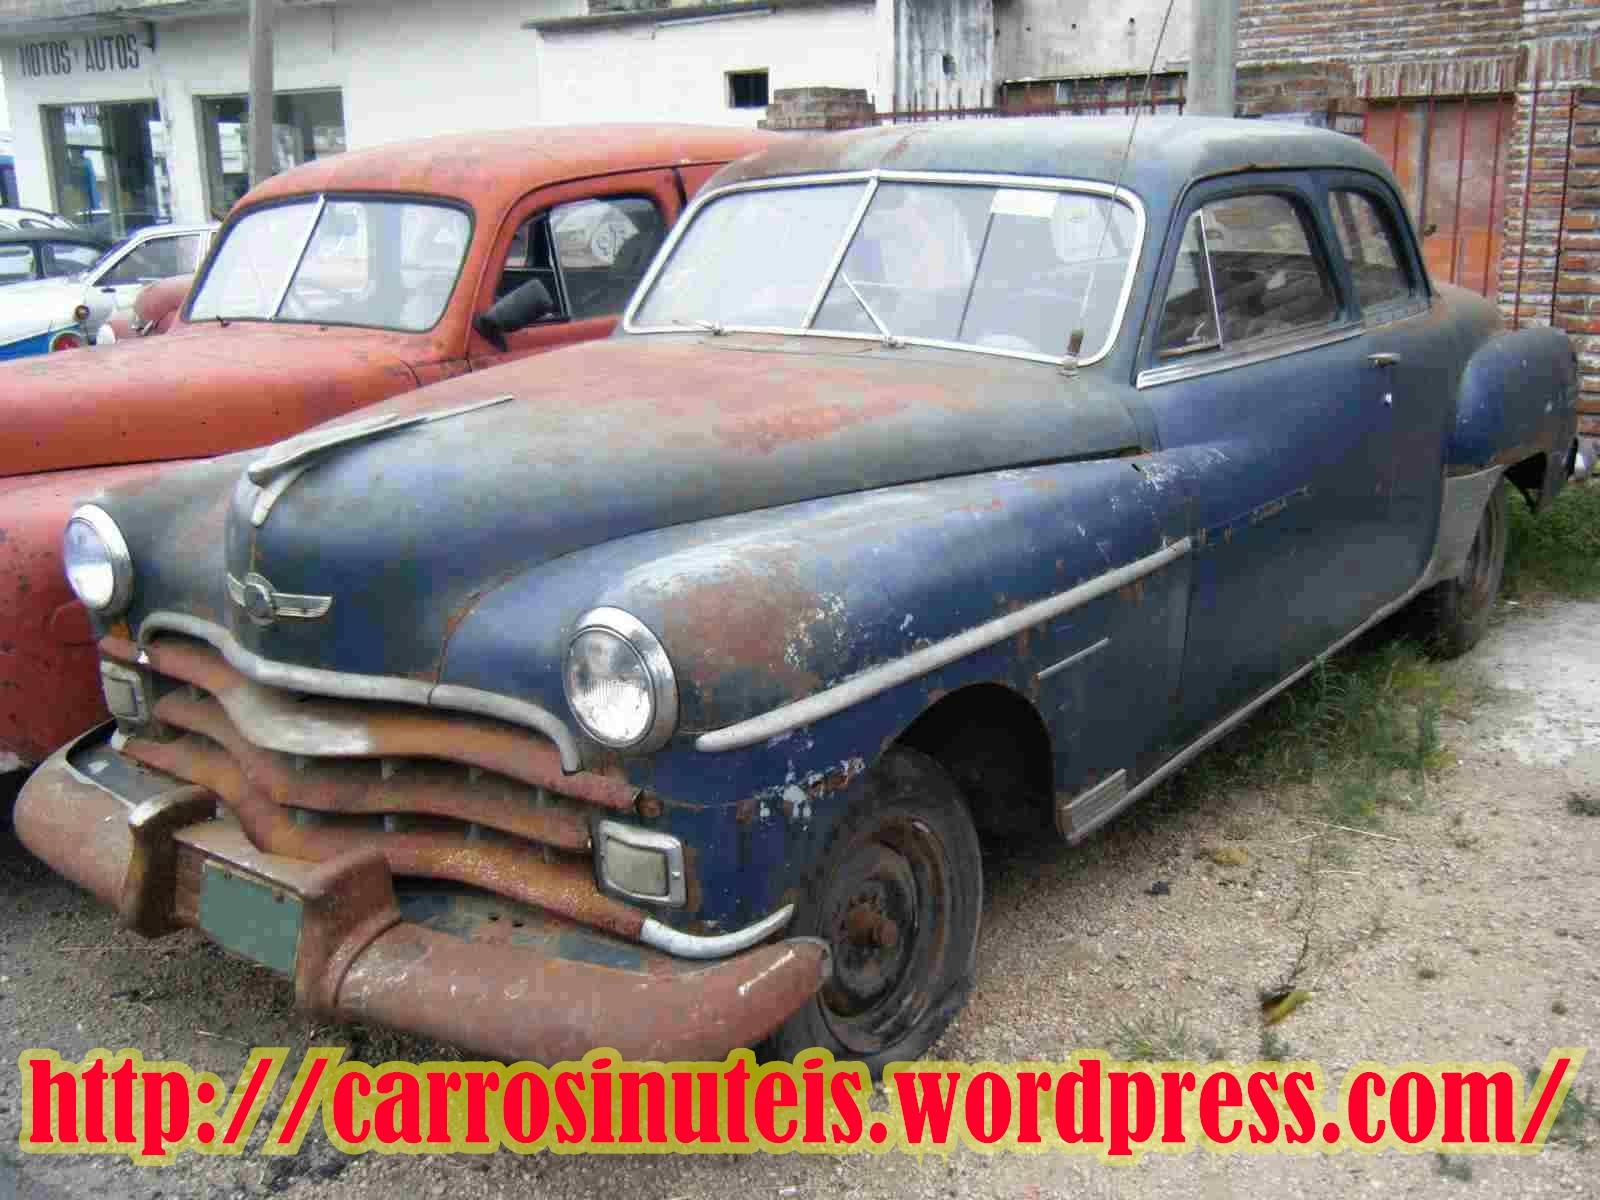 upablo-dos-santos-chrysler-cupe-windsor-1950 Chrysler Windsor Coupe 1950